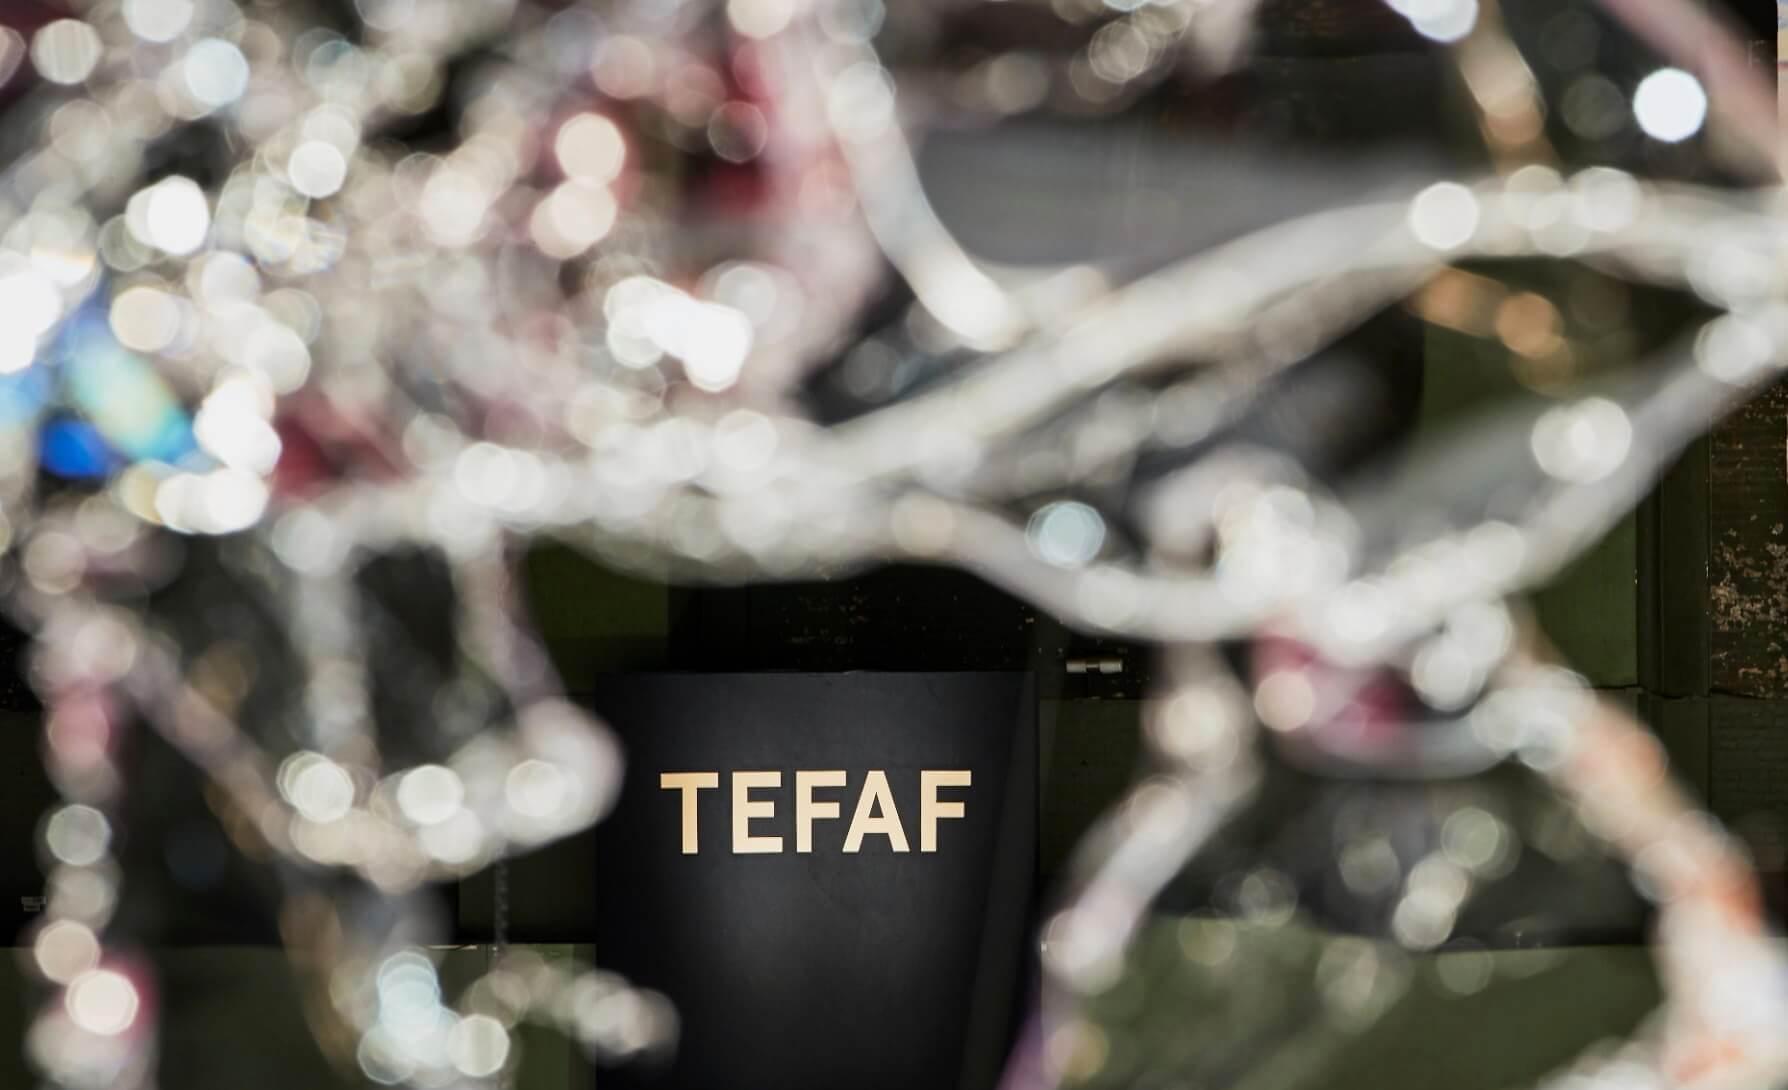 Bottegantica a Tefaf Online New York 2020